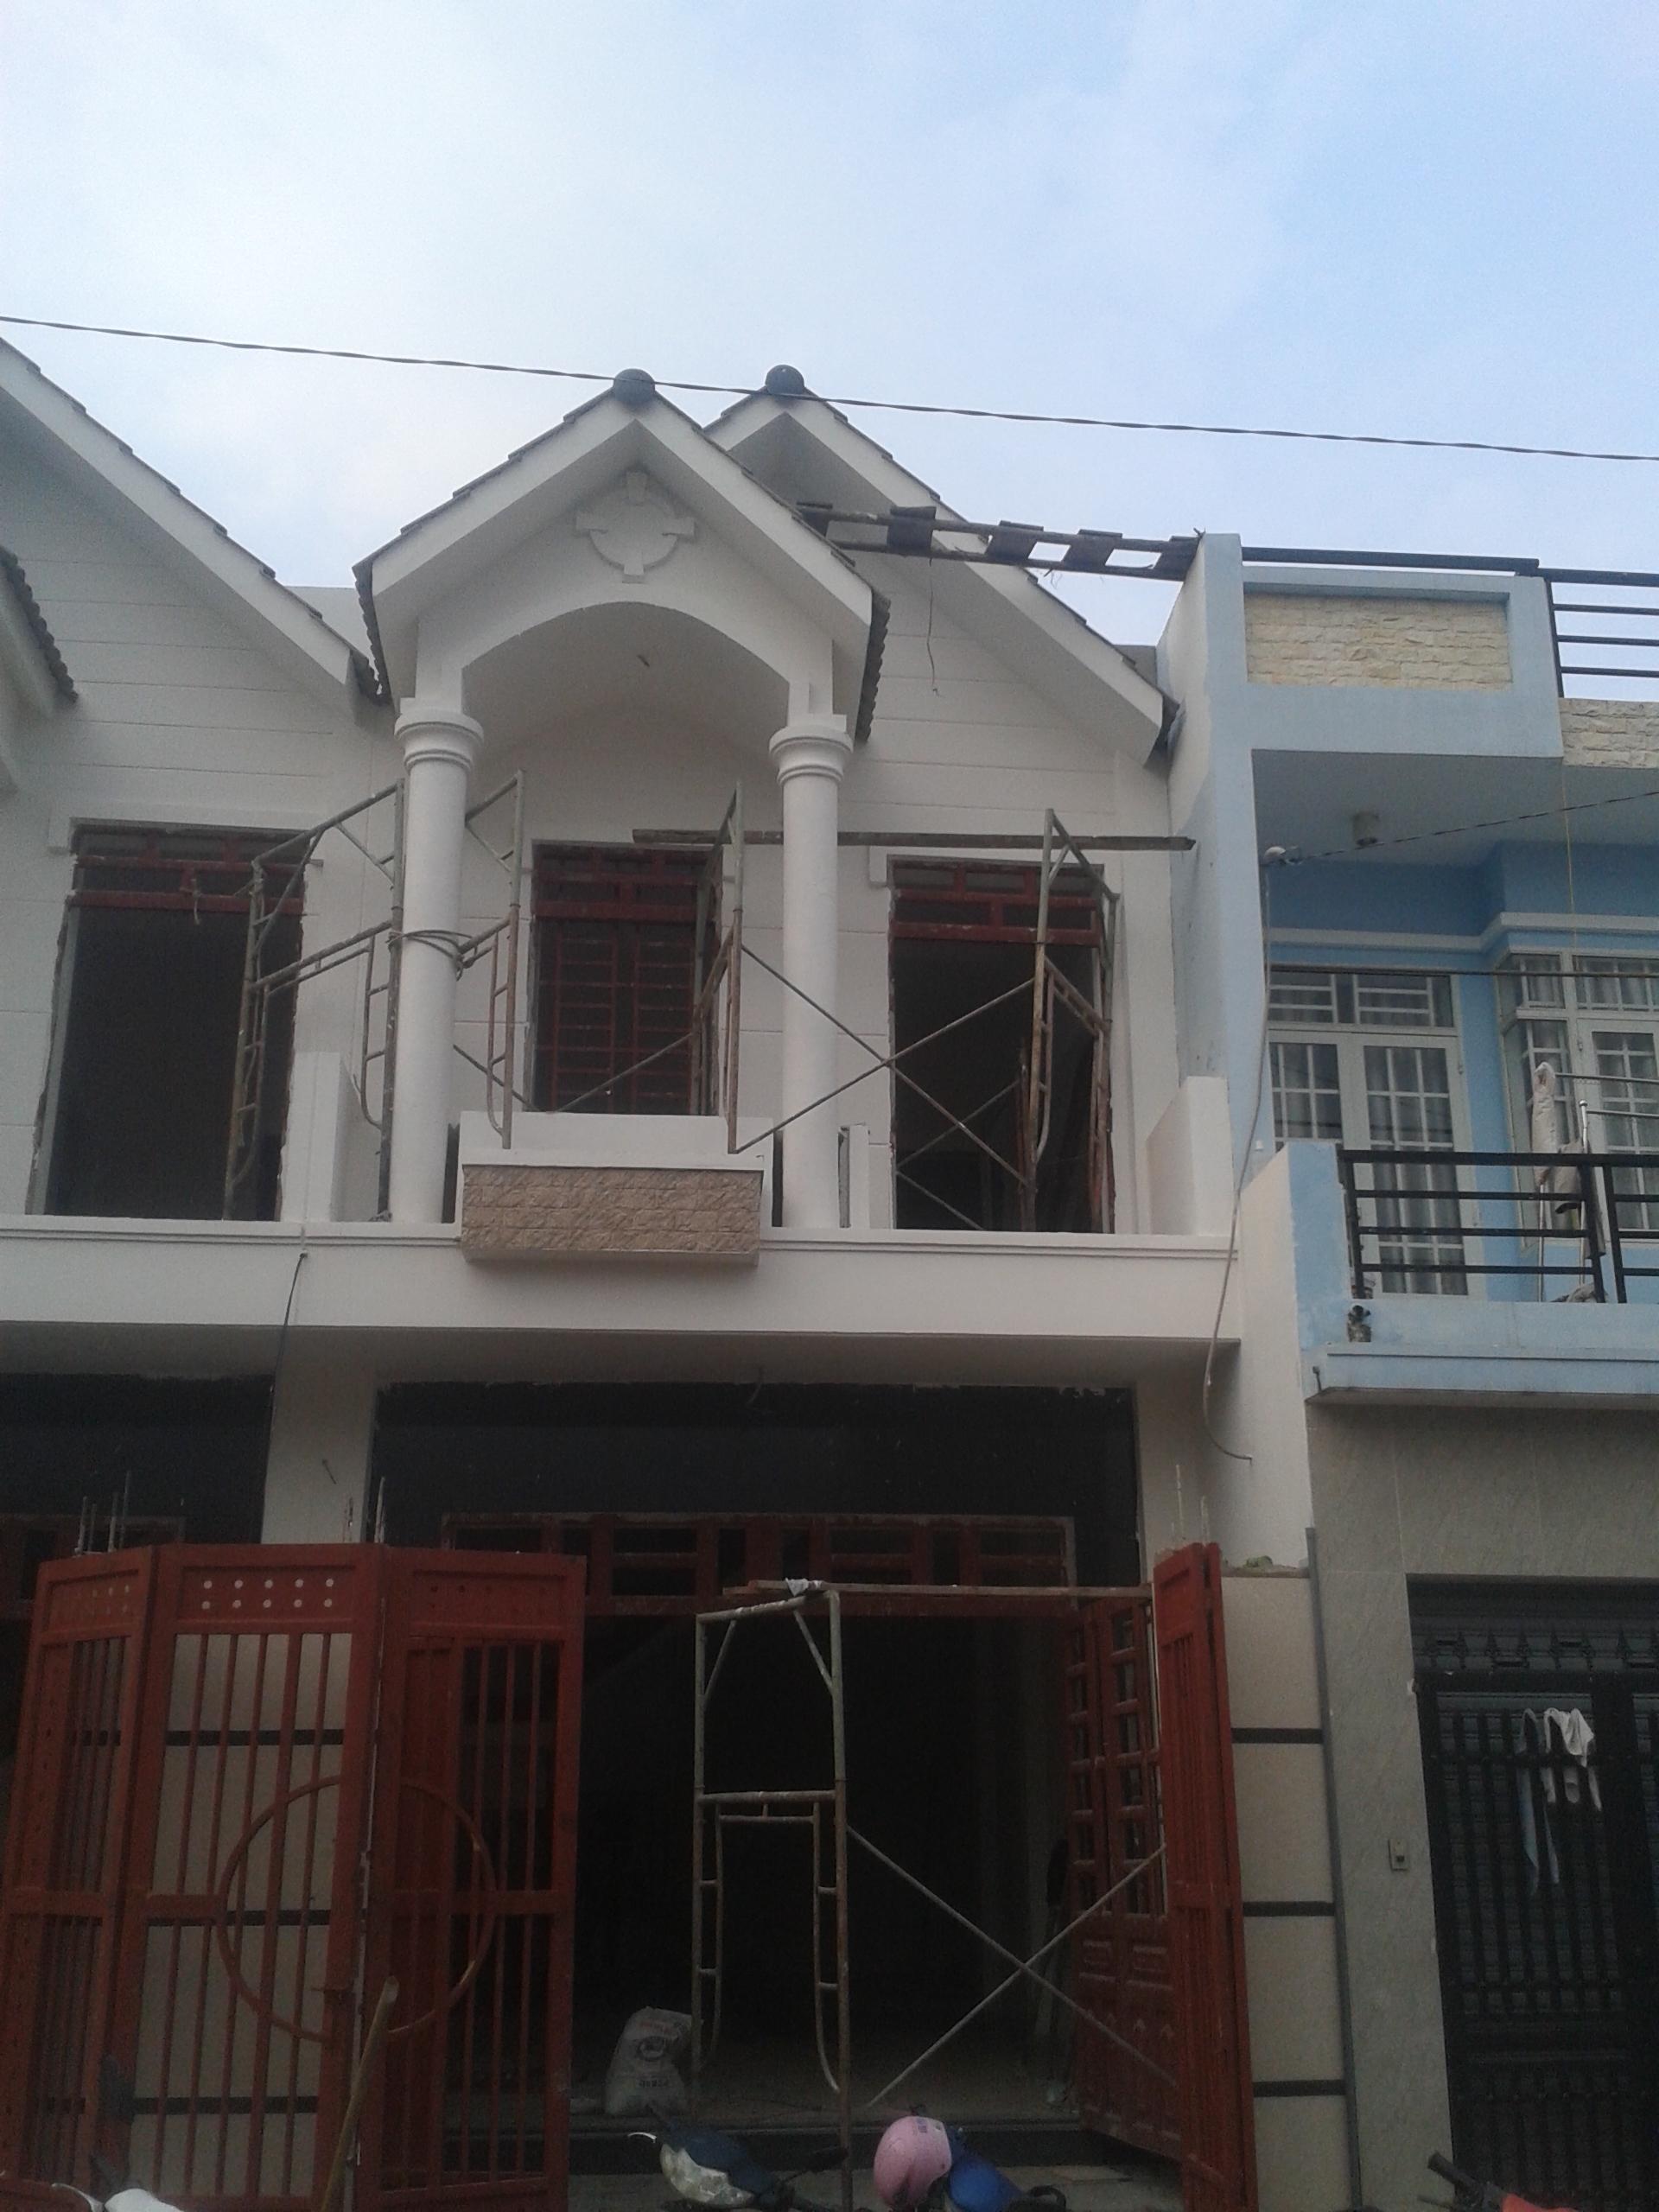 Bán nhà mới 1trệt 1lầu đúc kiên cố, đường 5m ở Thạnh Xuân, DT 4,5x14m.Giá 1tỷ 380triệu